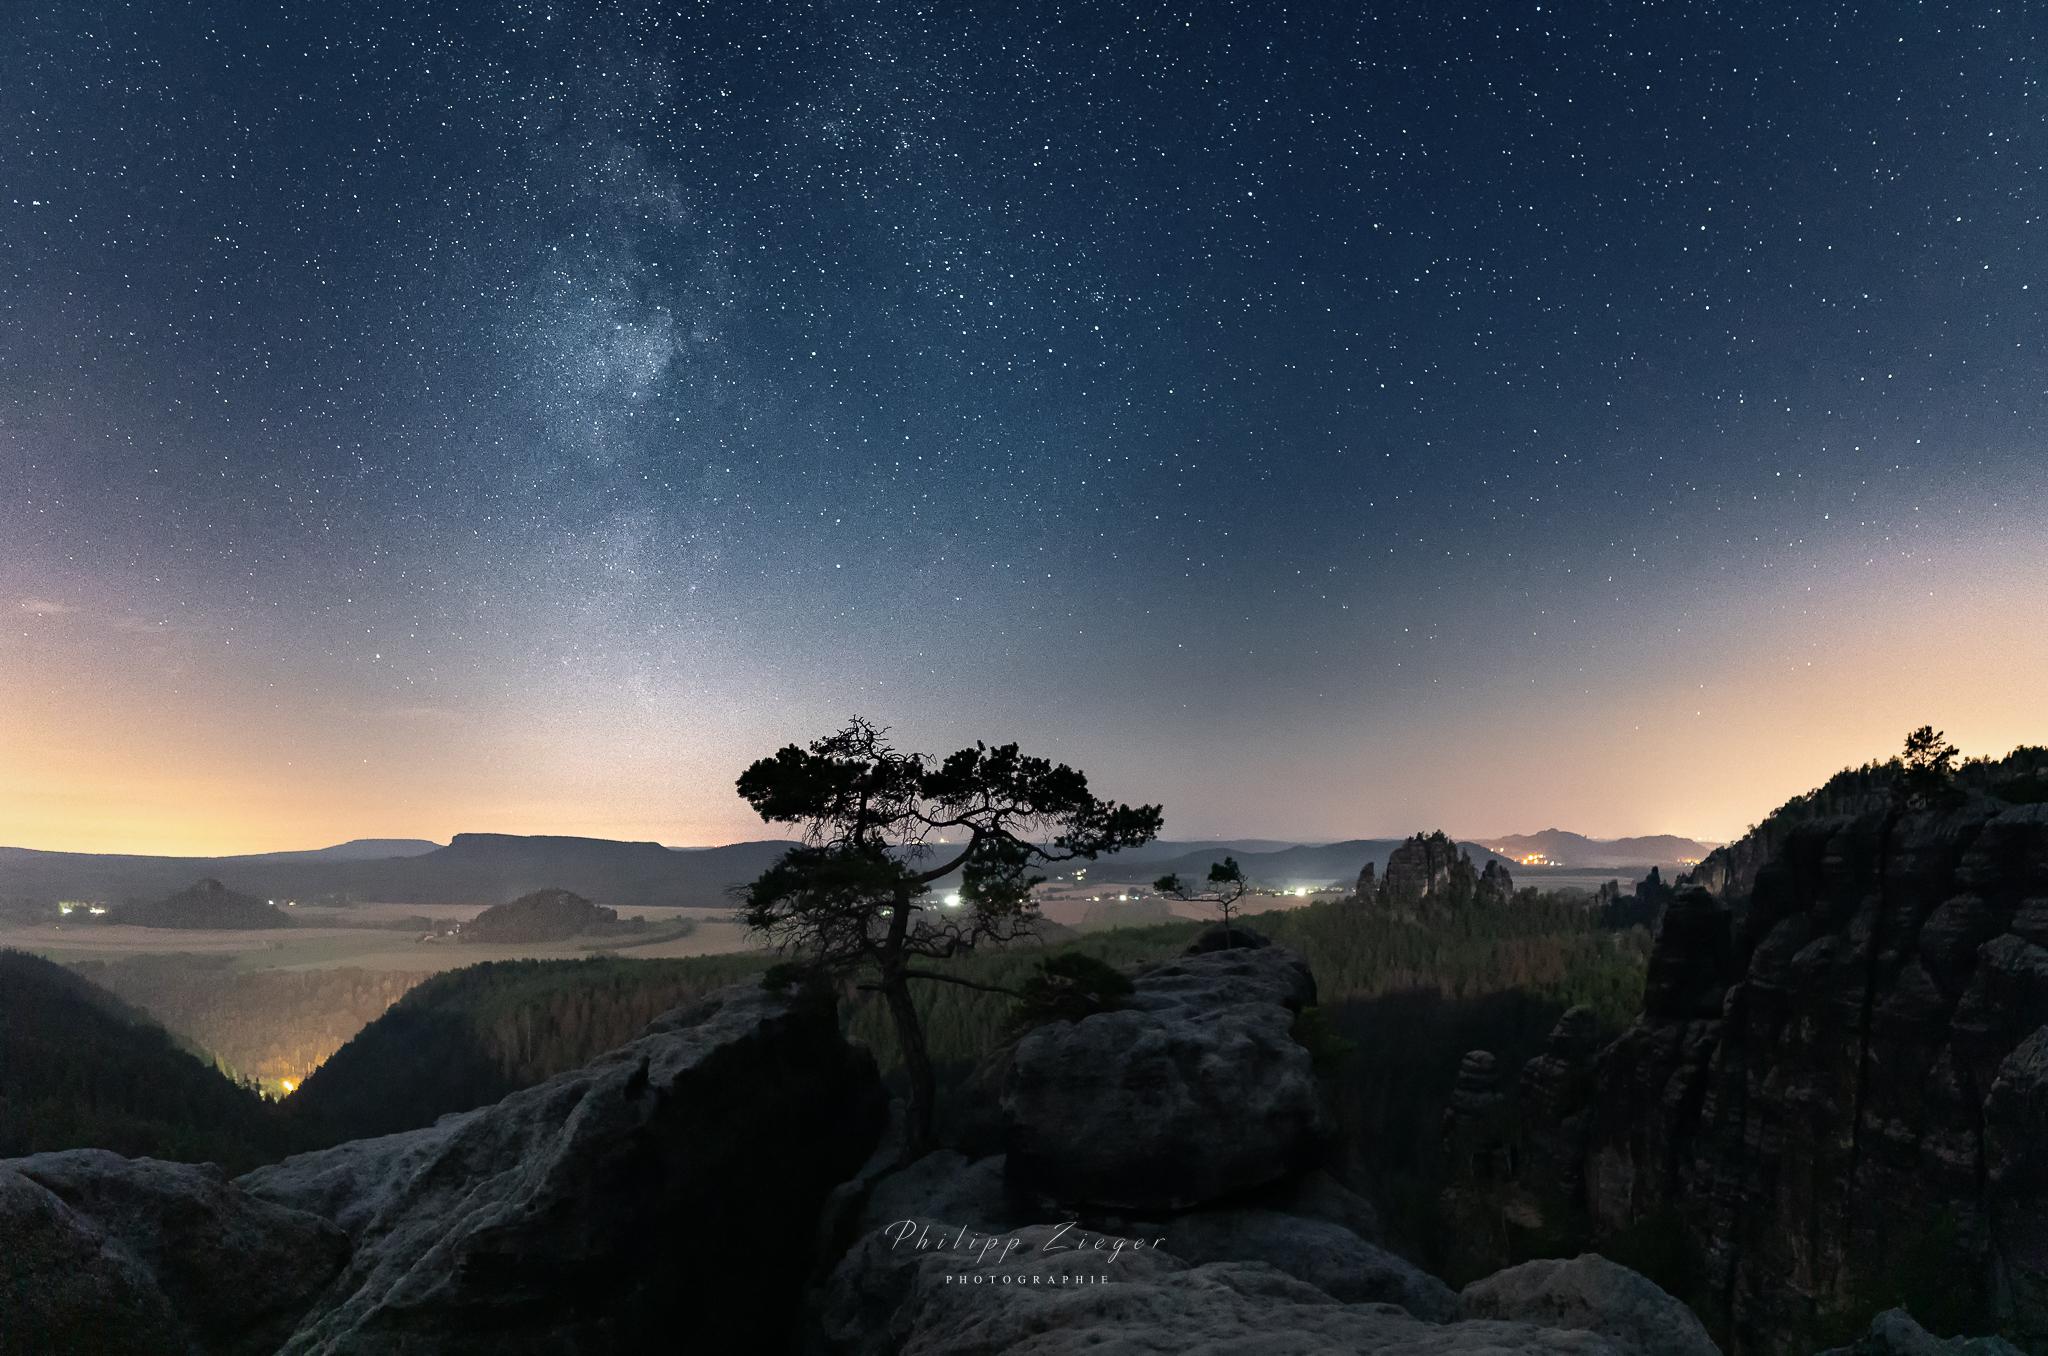 Panorama aus 2 horizontalen Bilder